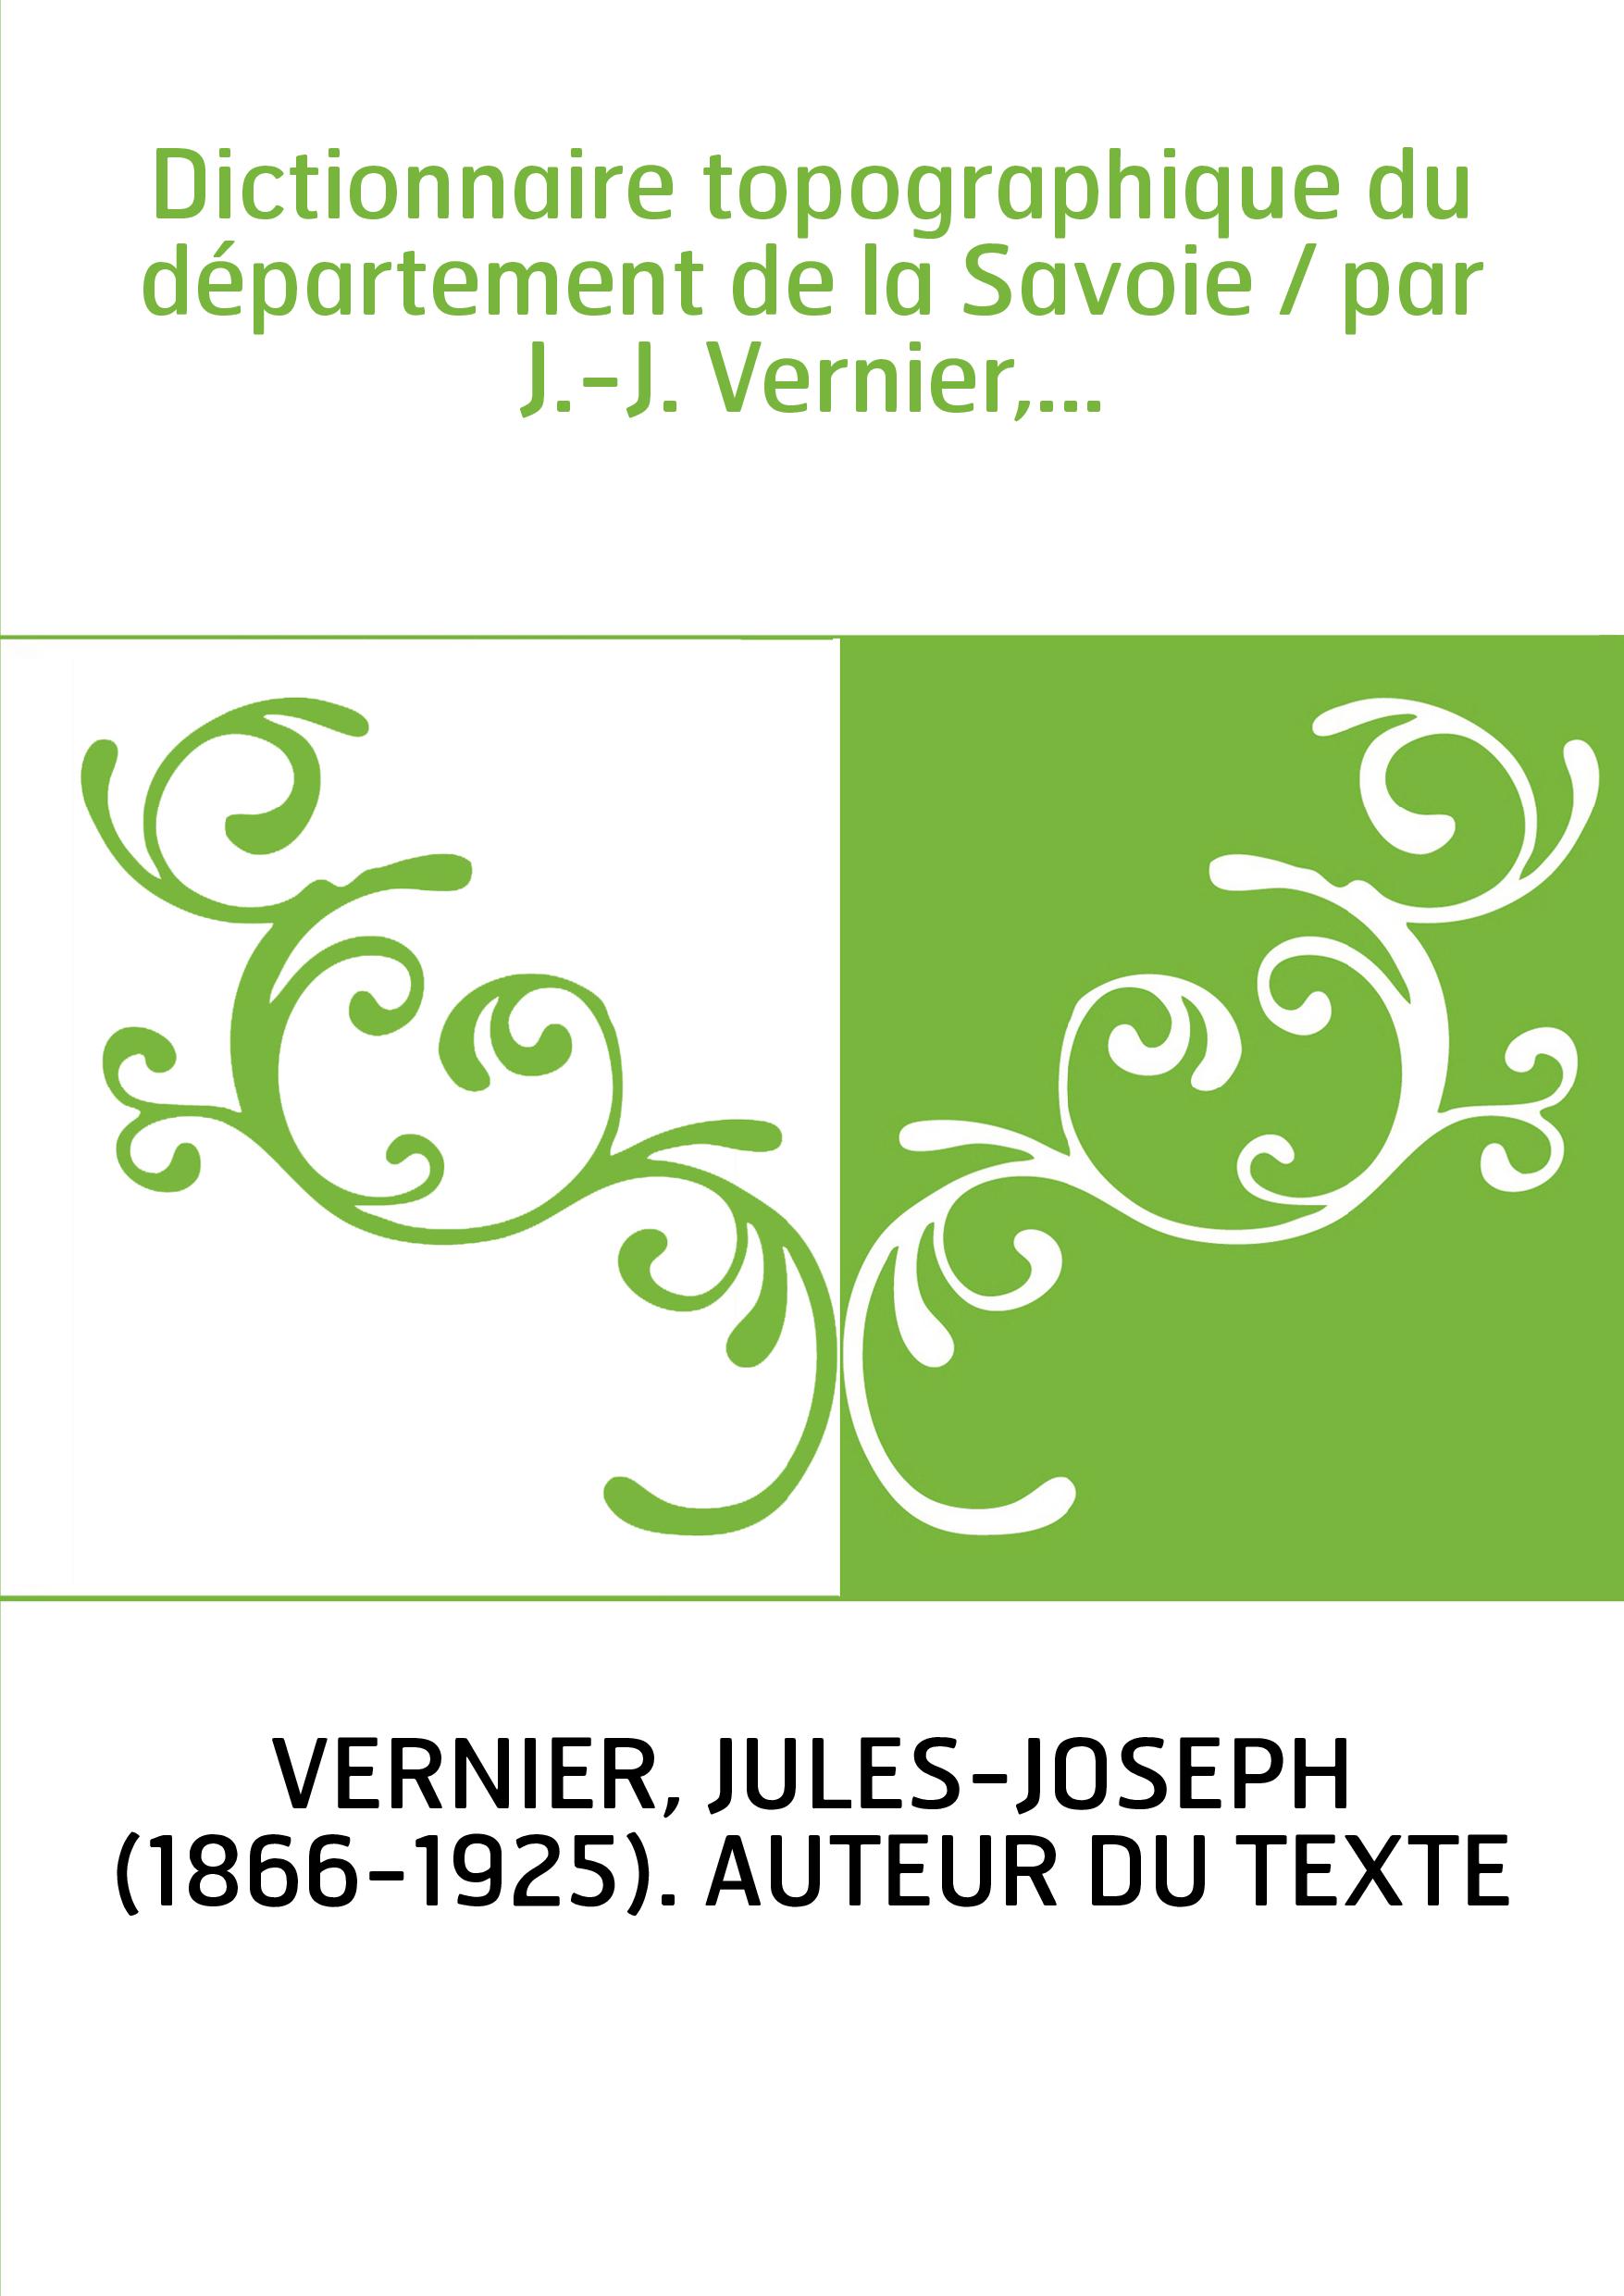 Dictionnaire topographique du département de la Savoie / par J.-J. Vernier,...